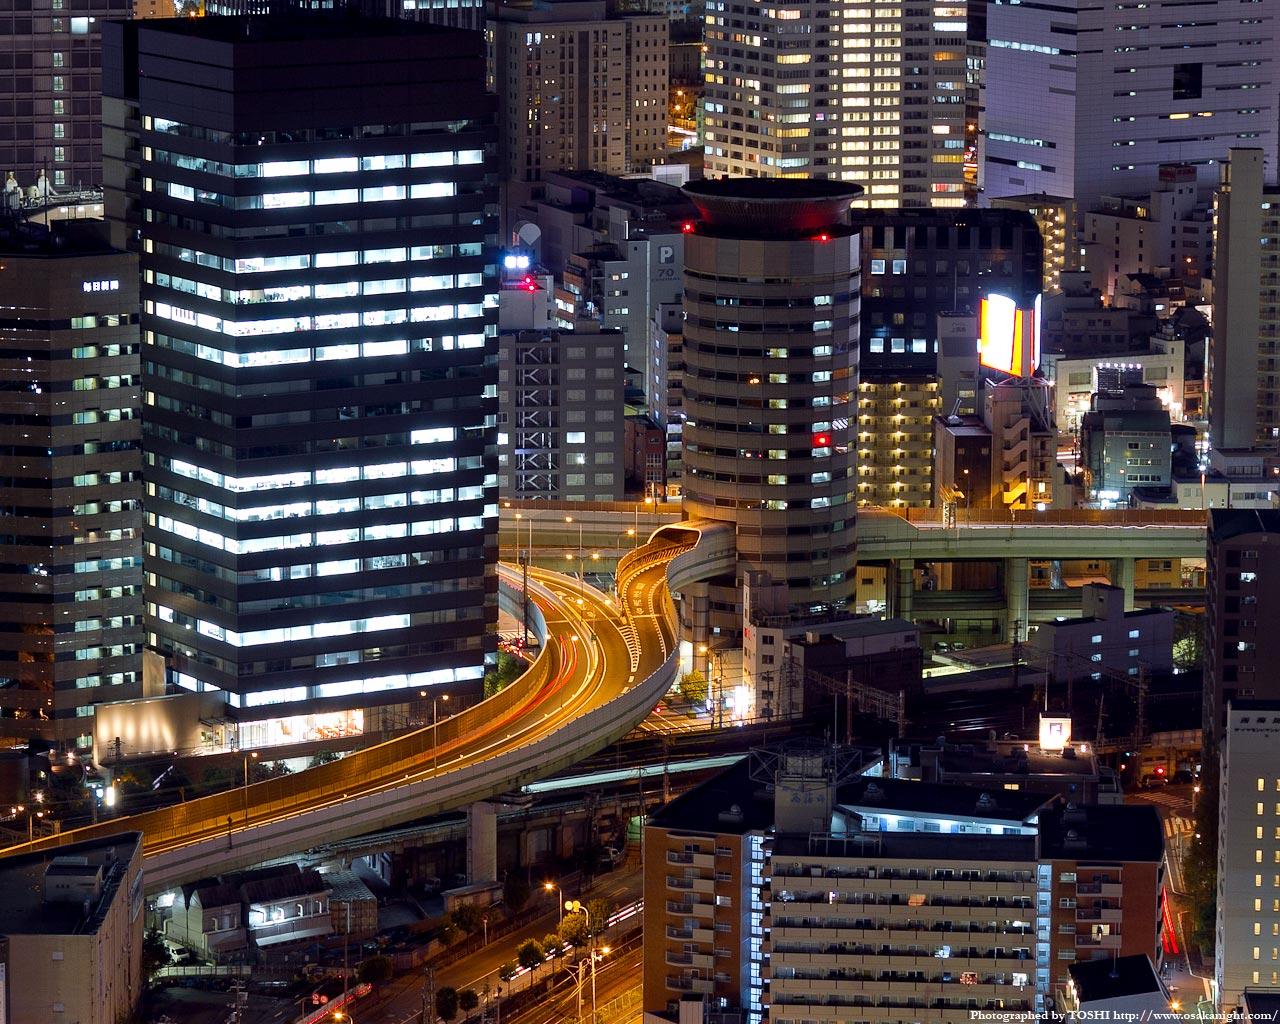 阪神高速梅田出口ゲートタワービル(ビーハイブ)